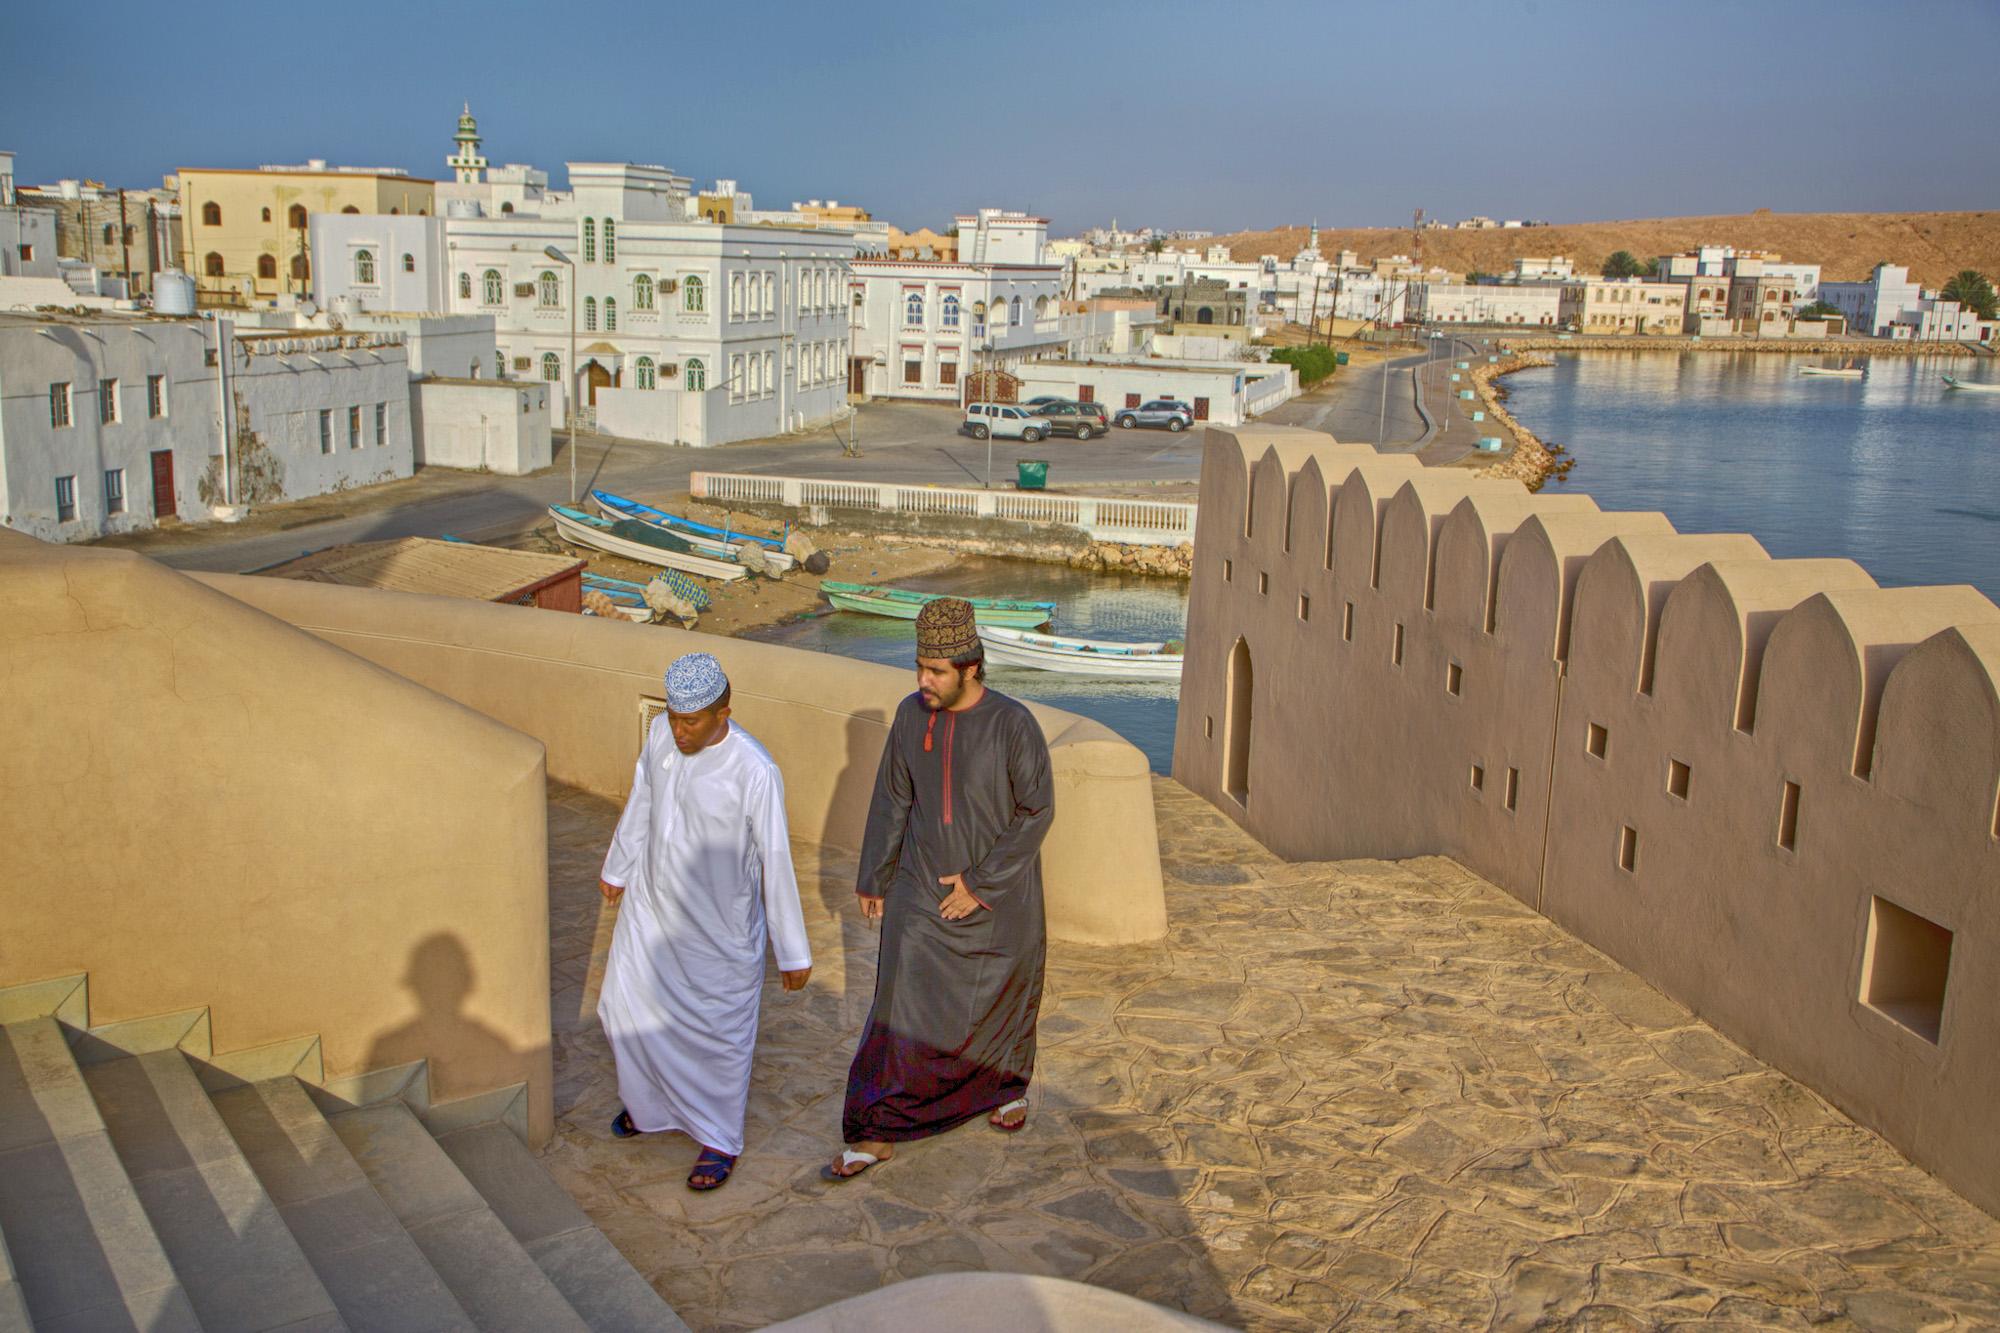 Arabische Halbinsel, Sultanat Oman, Fischerboote, Stadt Sur am Golf von Oman,